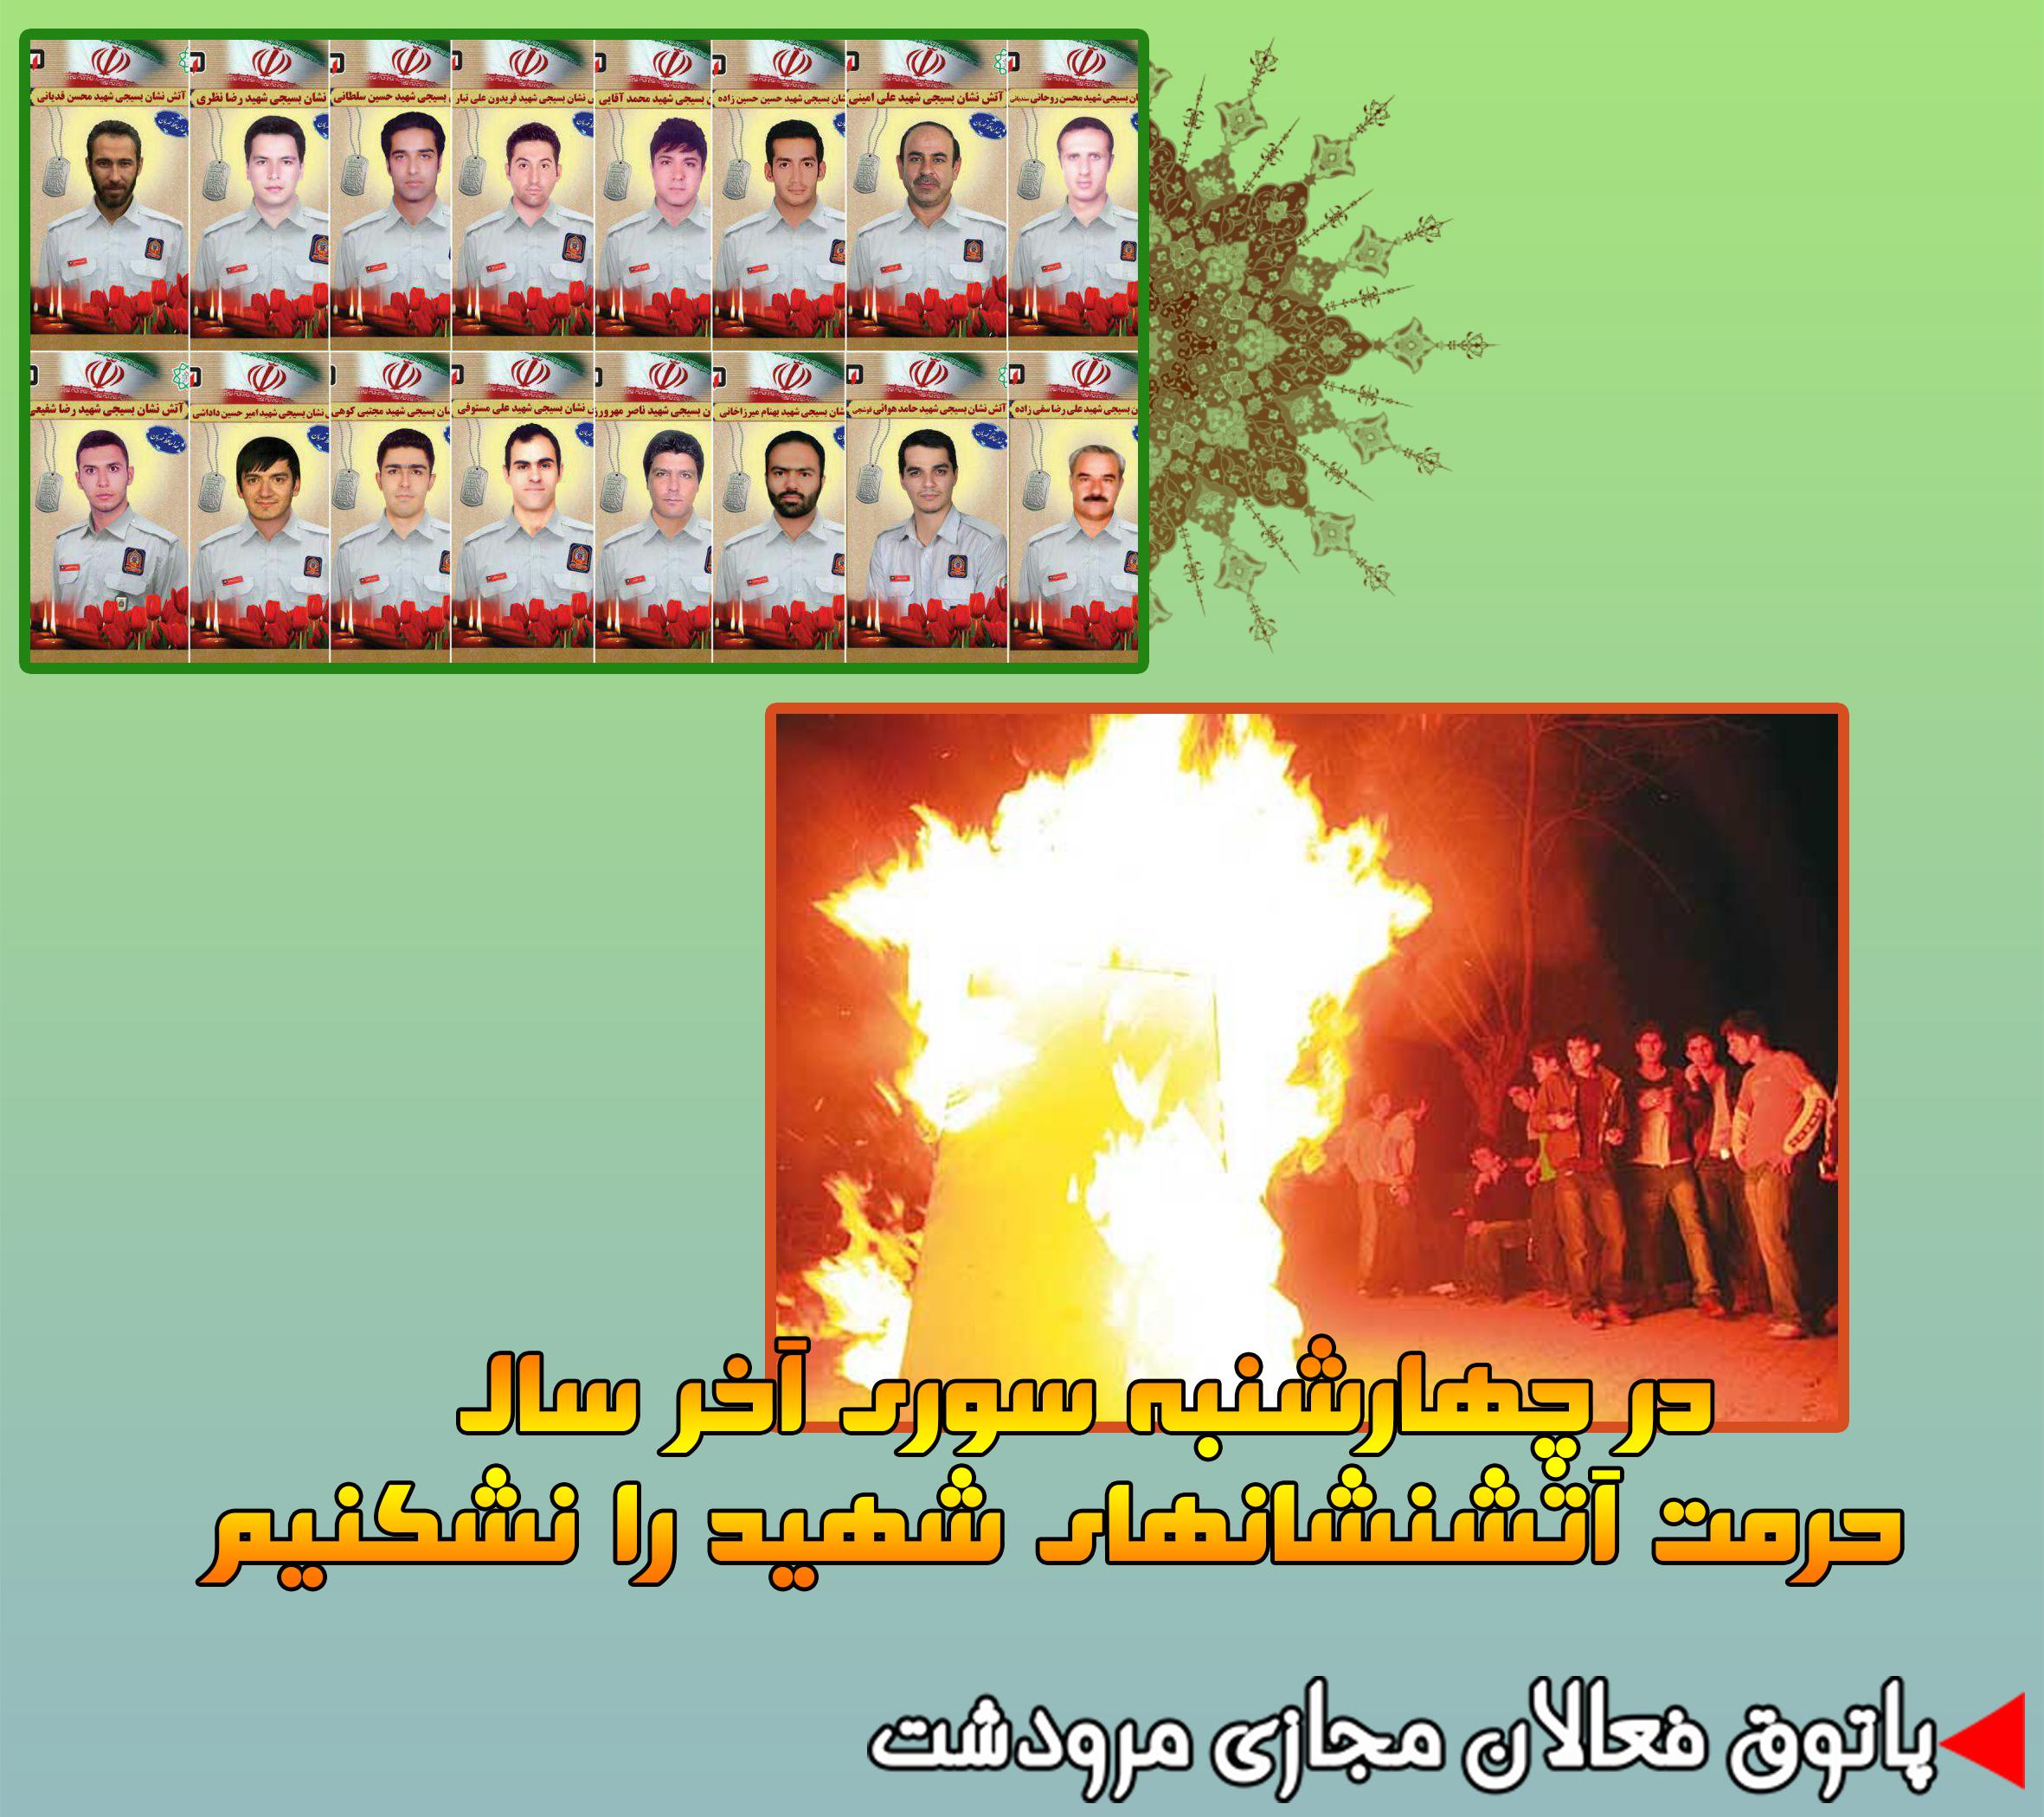 پوستر چهارشنبه سوری